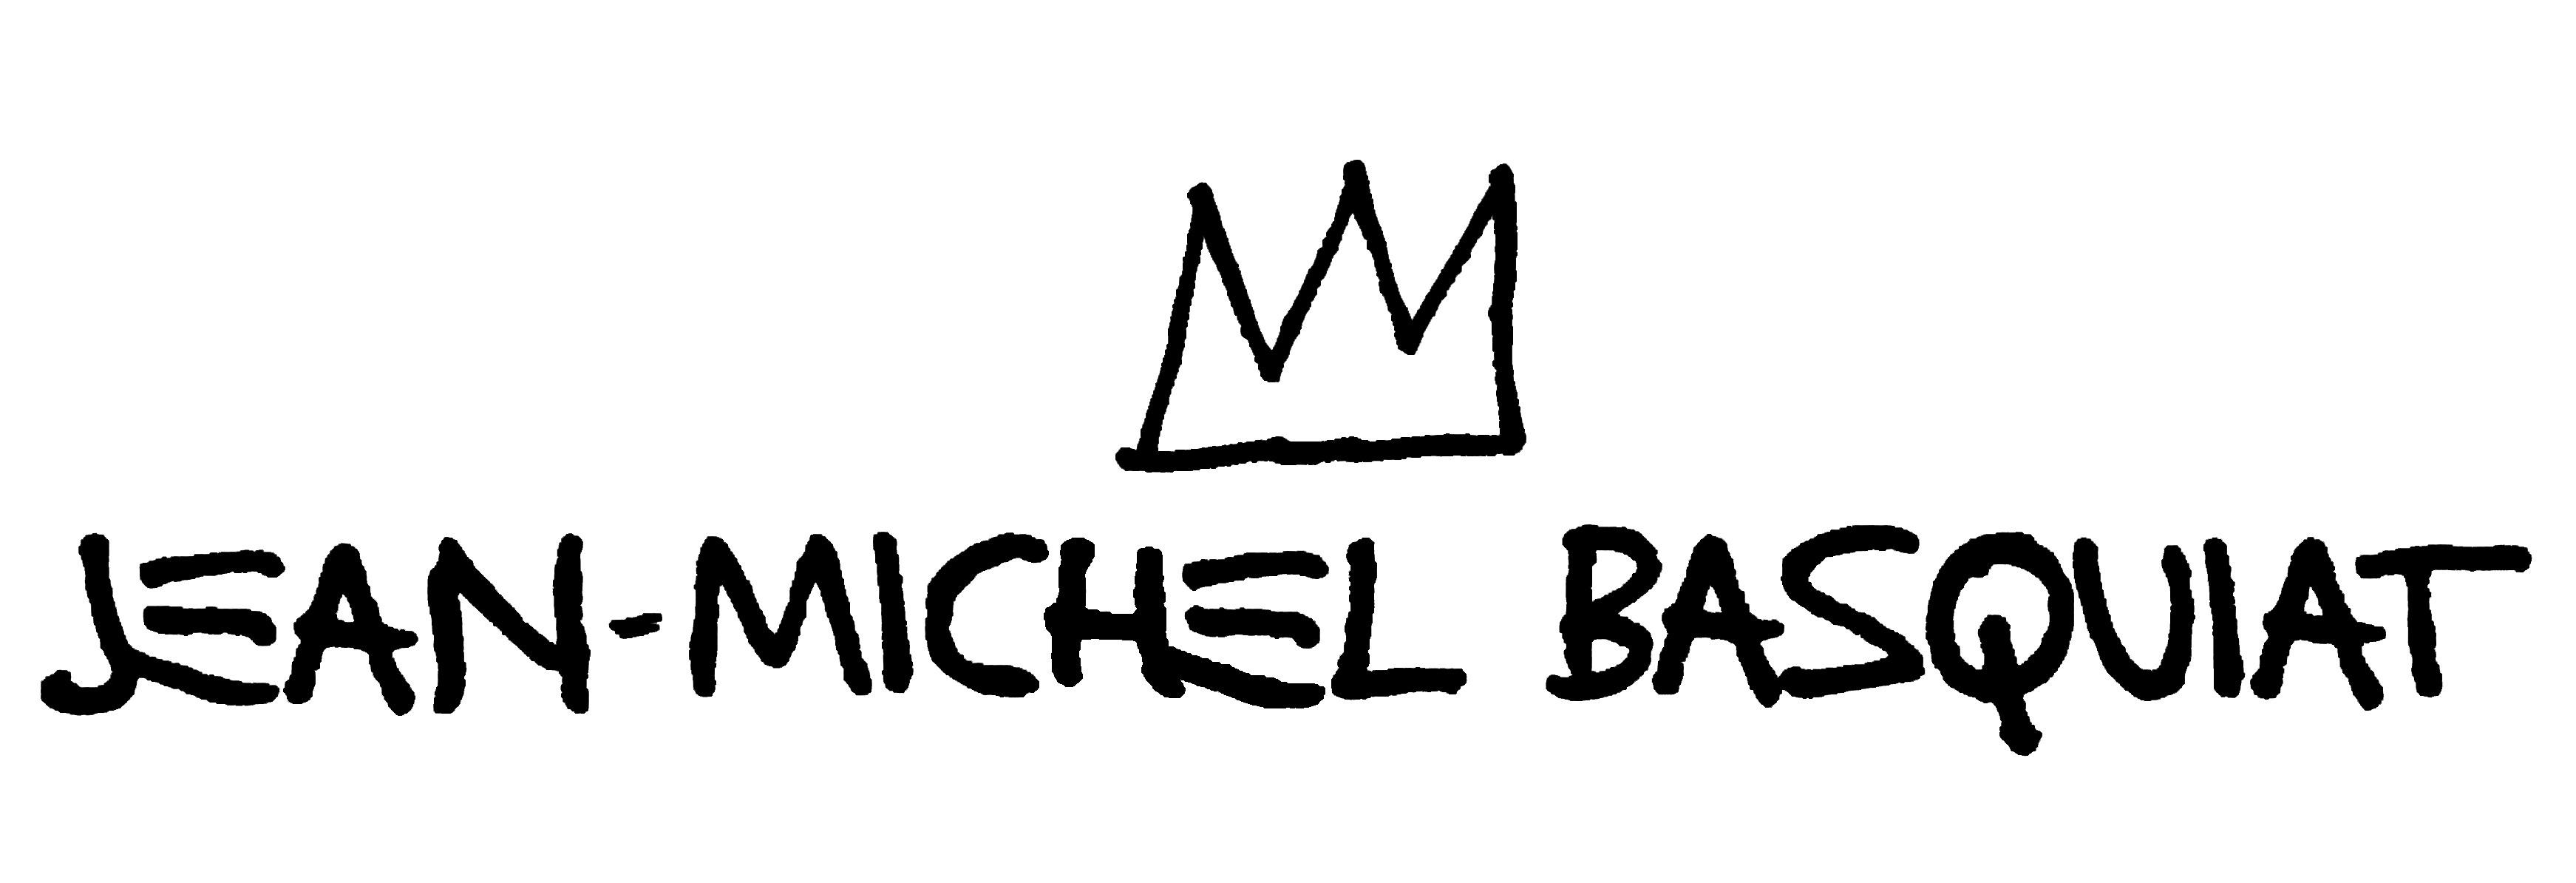 celebrità che sono morte giovani wallpaper titled Jean-Michel Basquiat